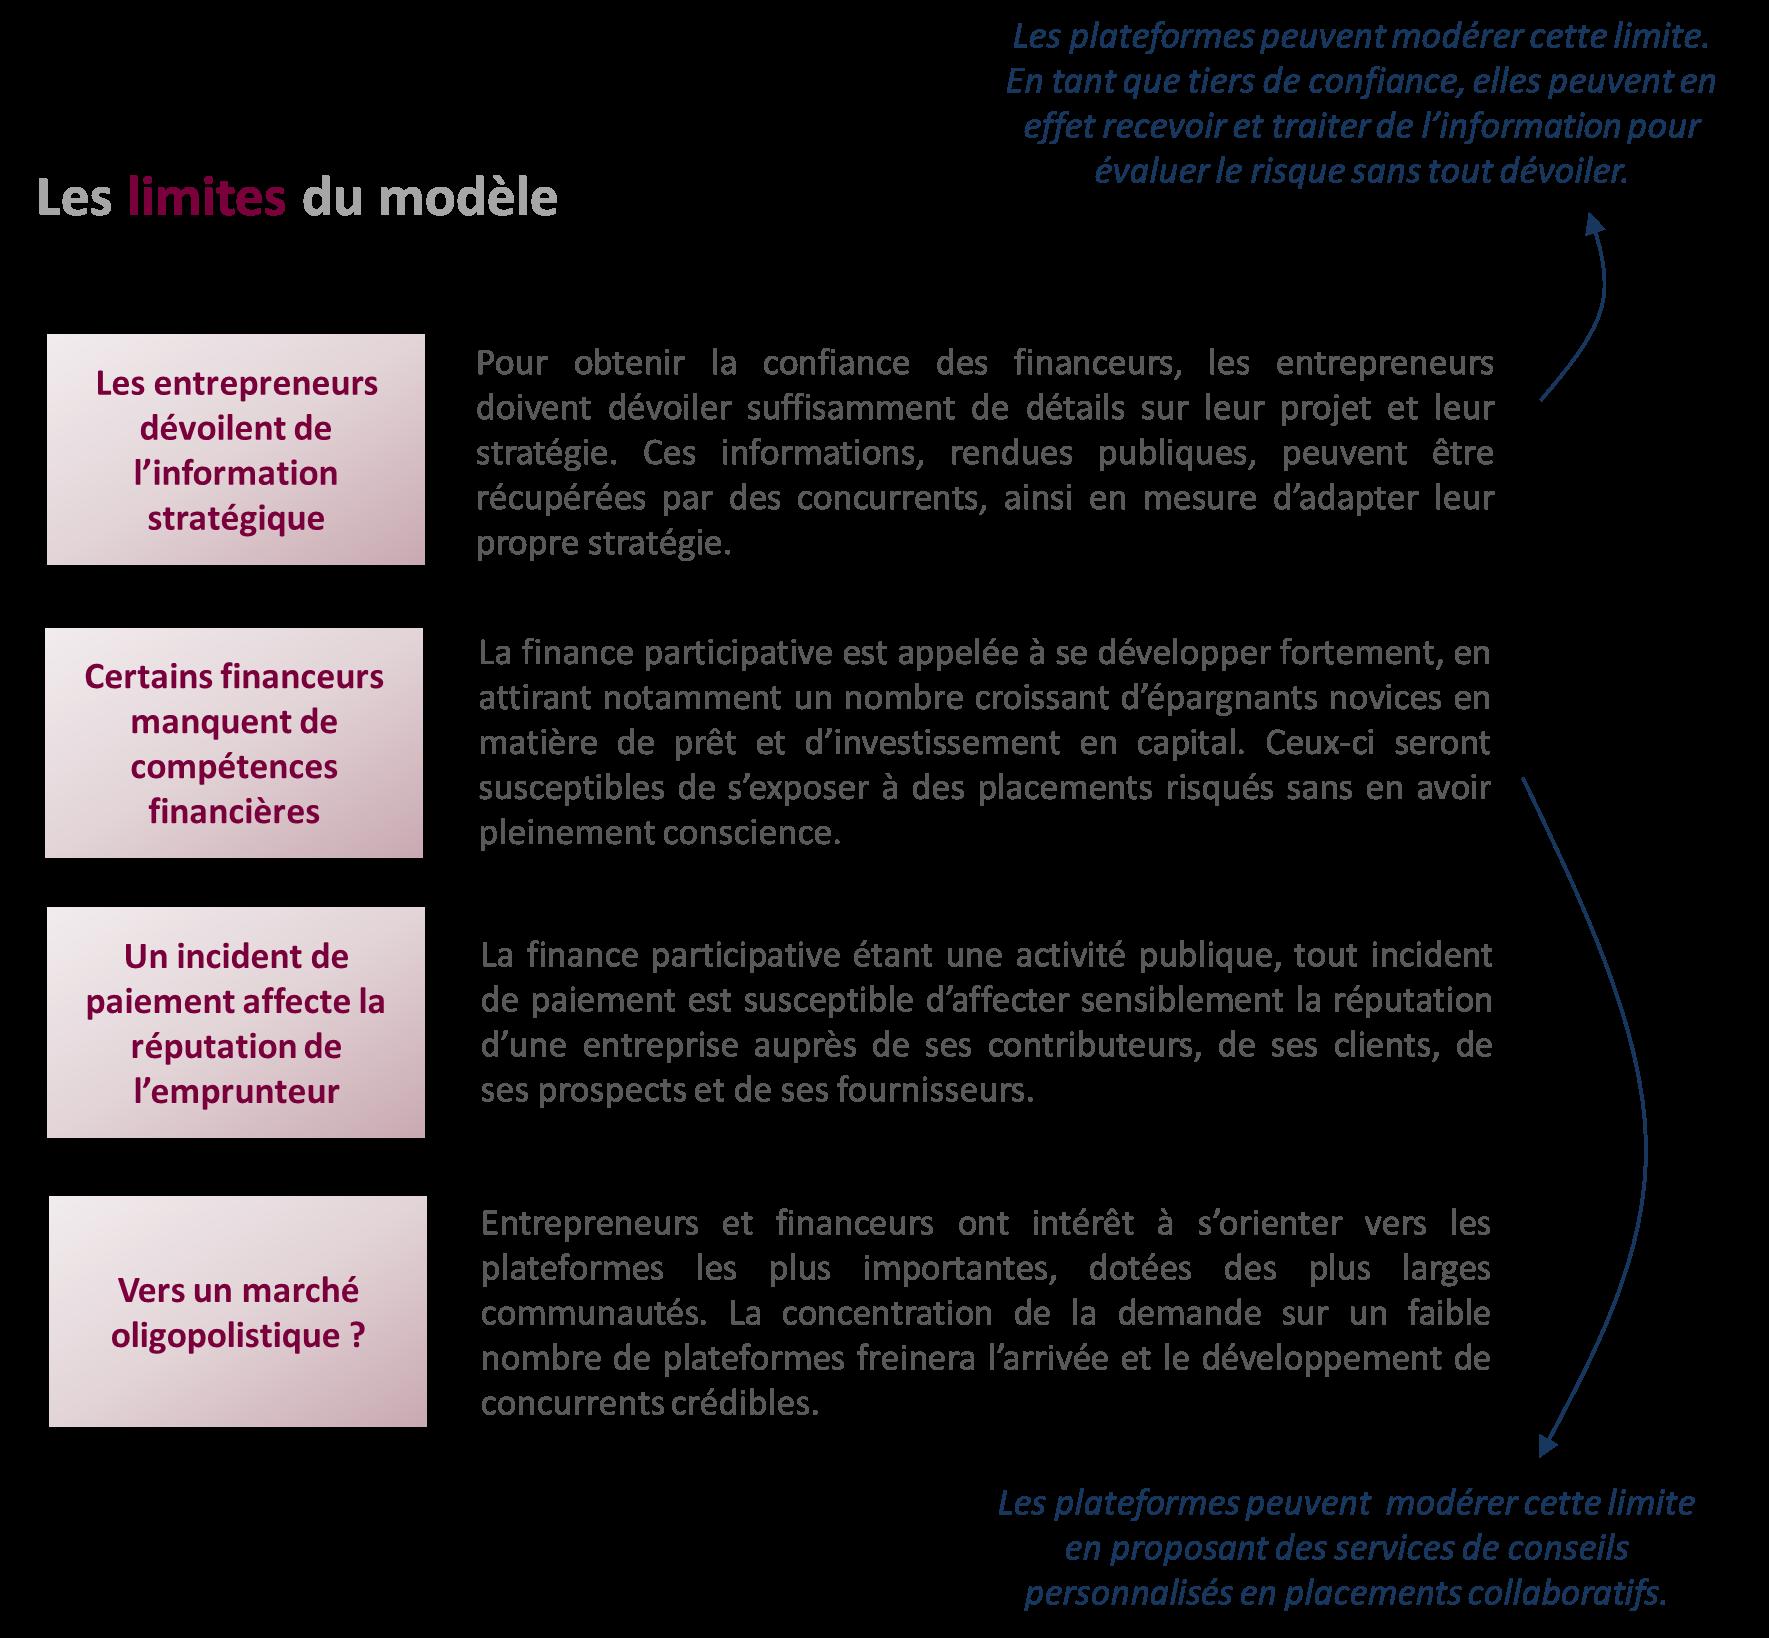 Le crédit participatif : soutenir l'investissement, donner du sens à l'épargne